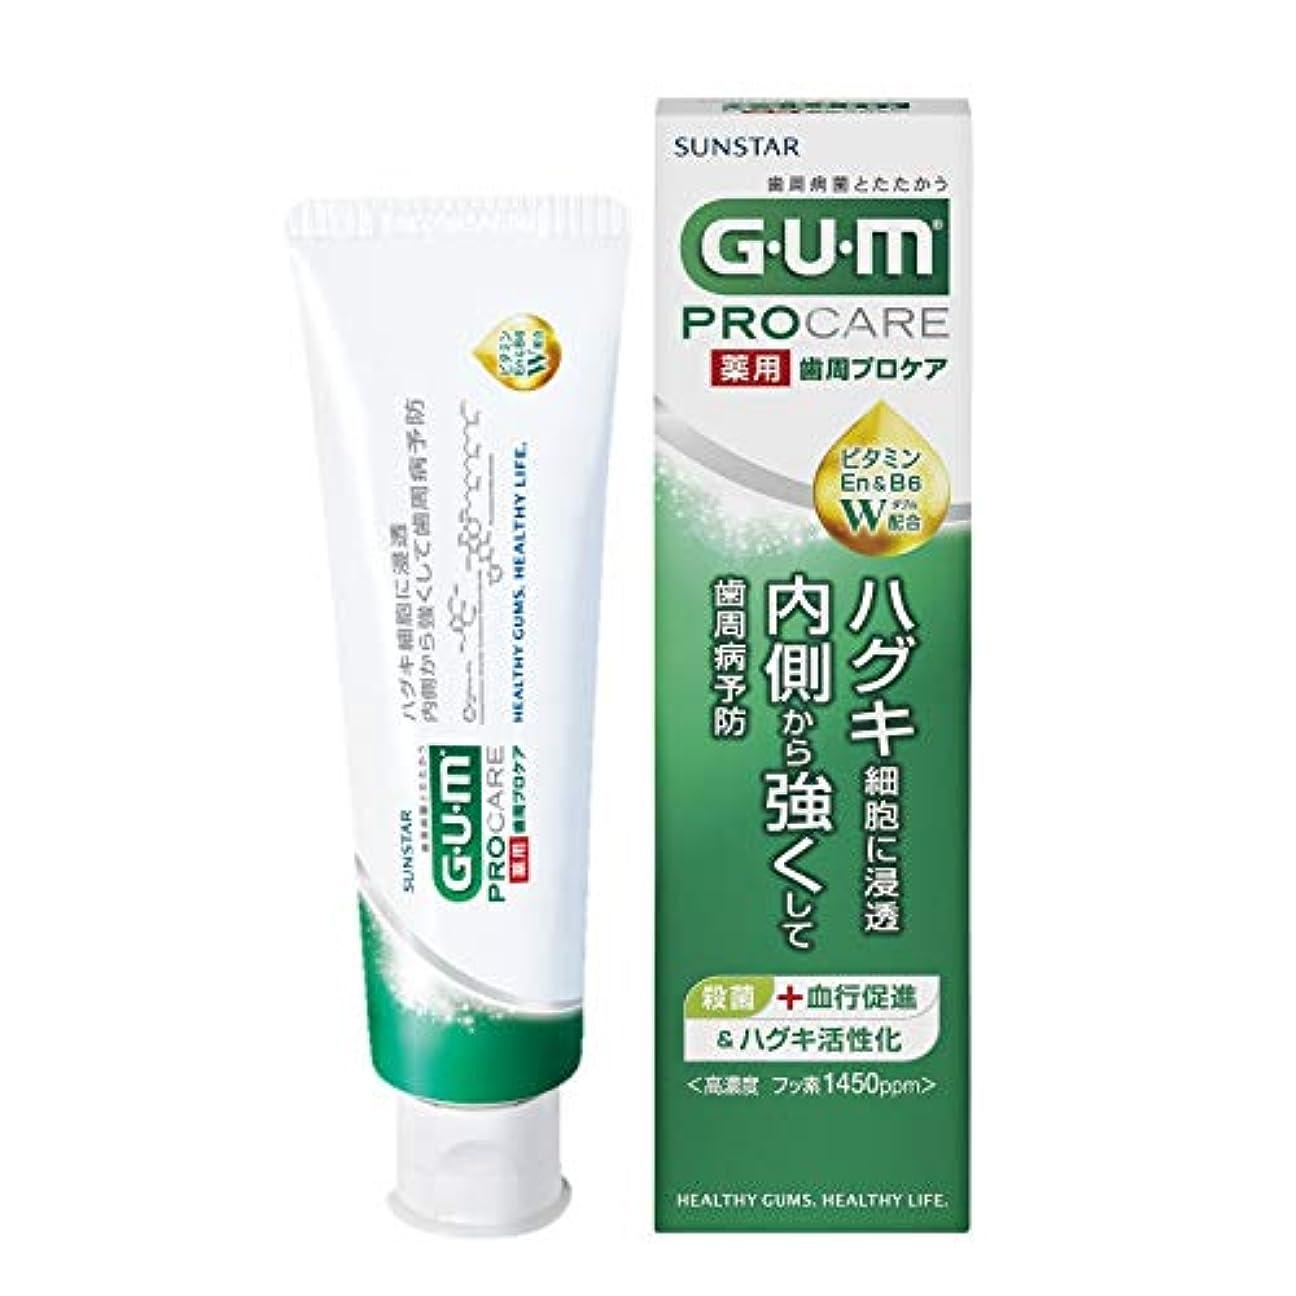 隙間むしゃむしゃ寛解[医薬部外品] GUM(ガム) 歯周プロケア 歯みがき 90g <歯周病予防 ハグキケア 高濃度フッ素配合 1,450ppm>